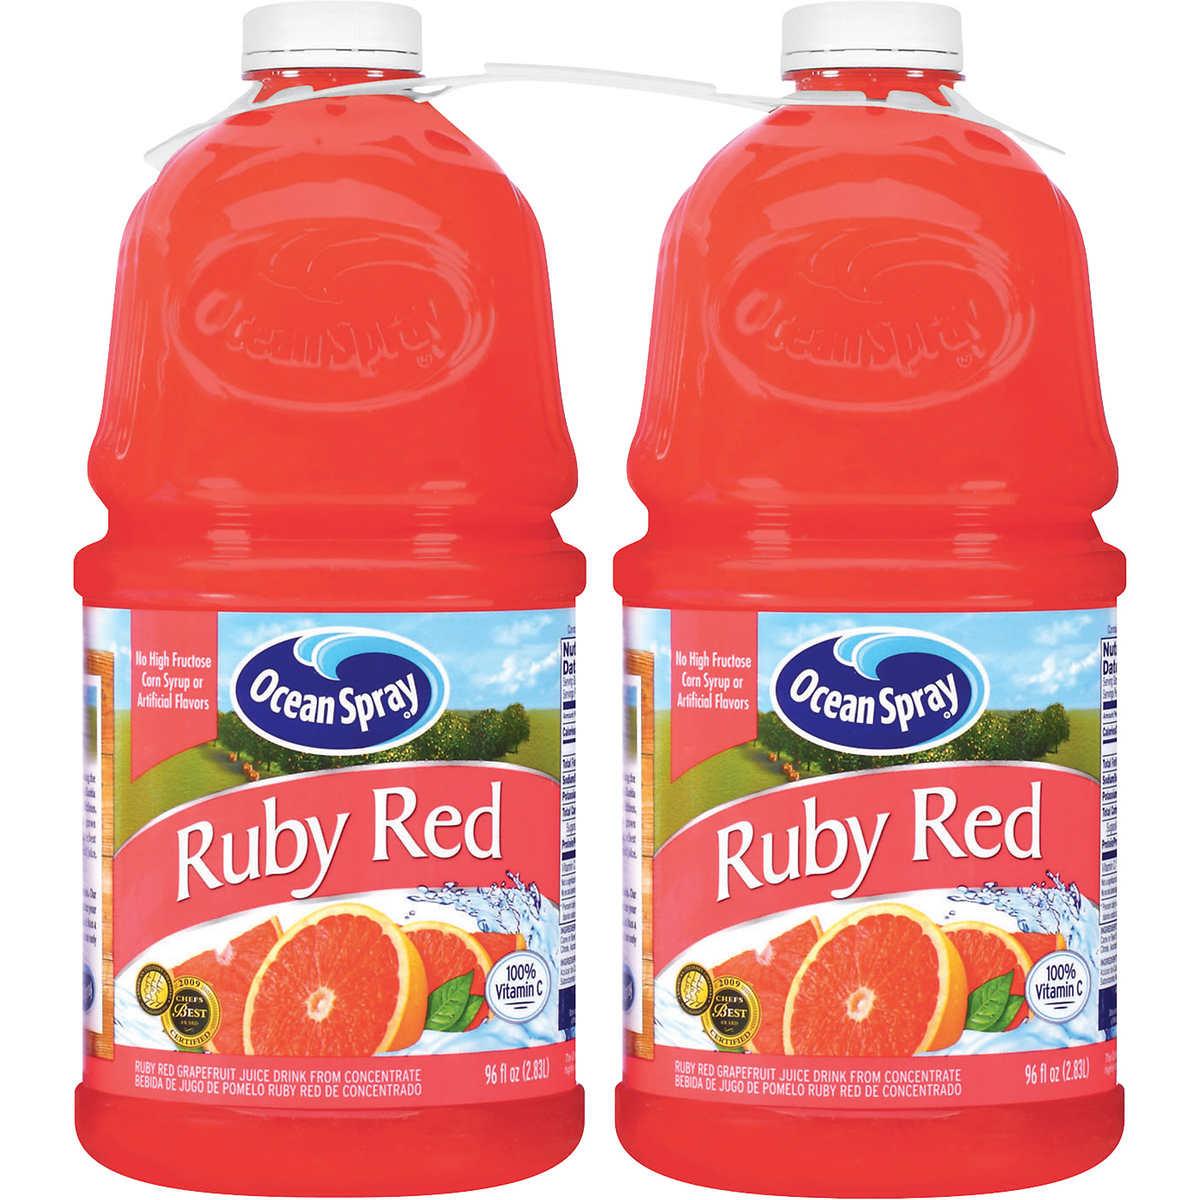 Ocean Spray Ruby Red Grapefruit Juice Drink, 96 oz, 2 ct